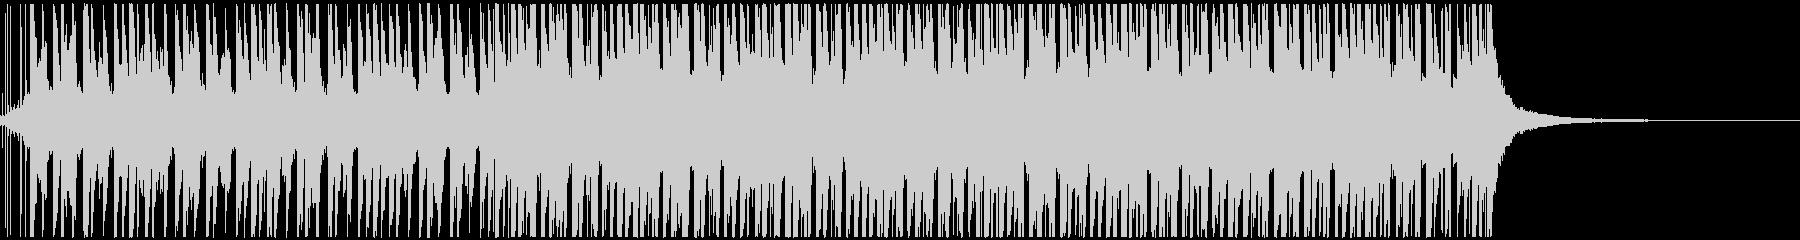 トロピカルで明るいハウス(ショート)の未再生の波形